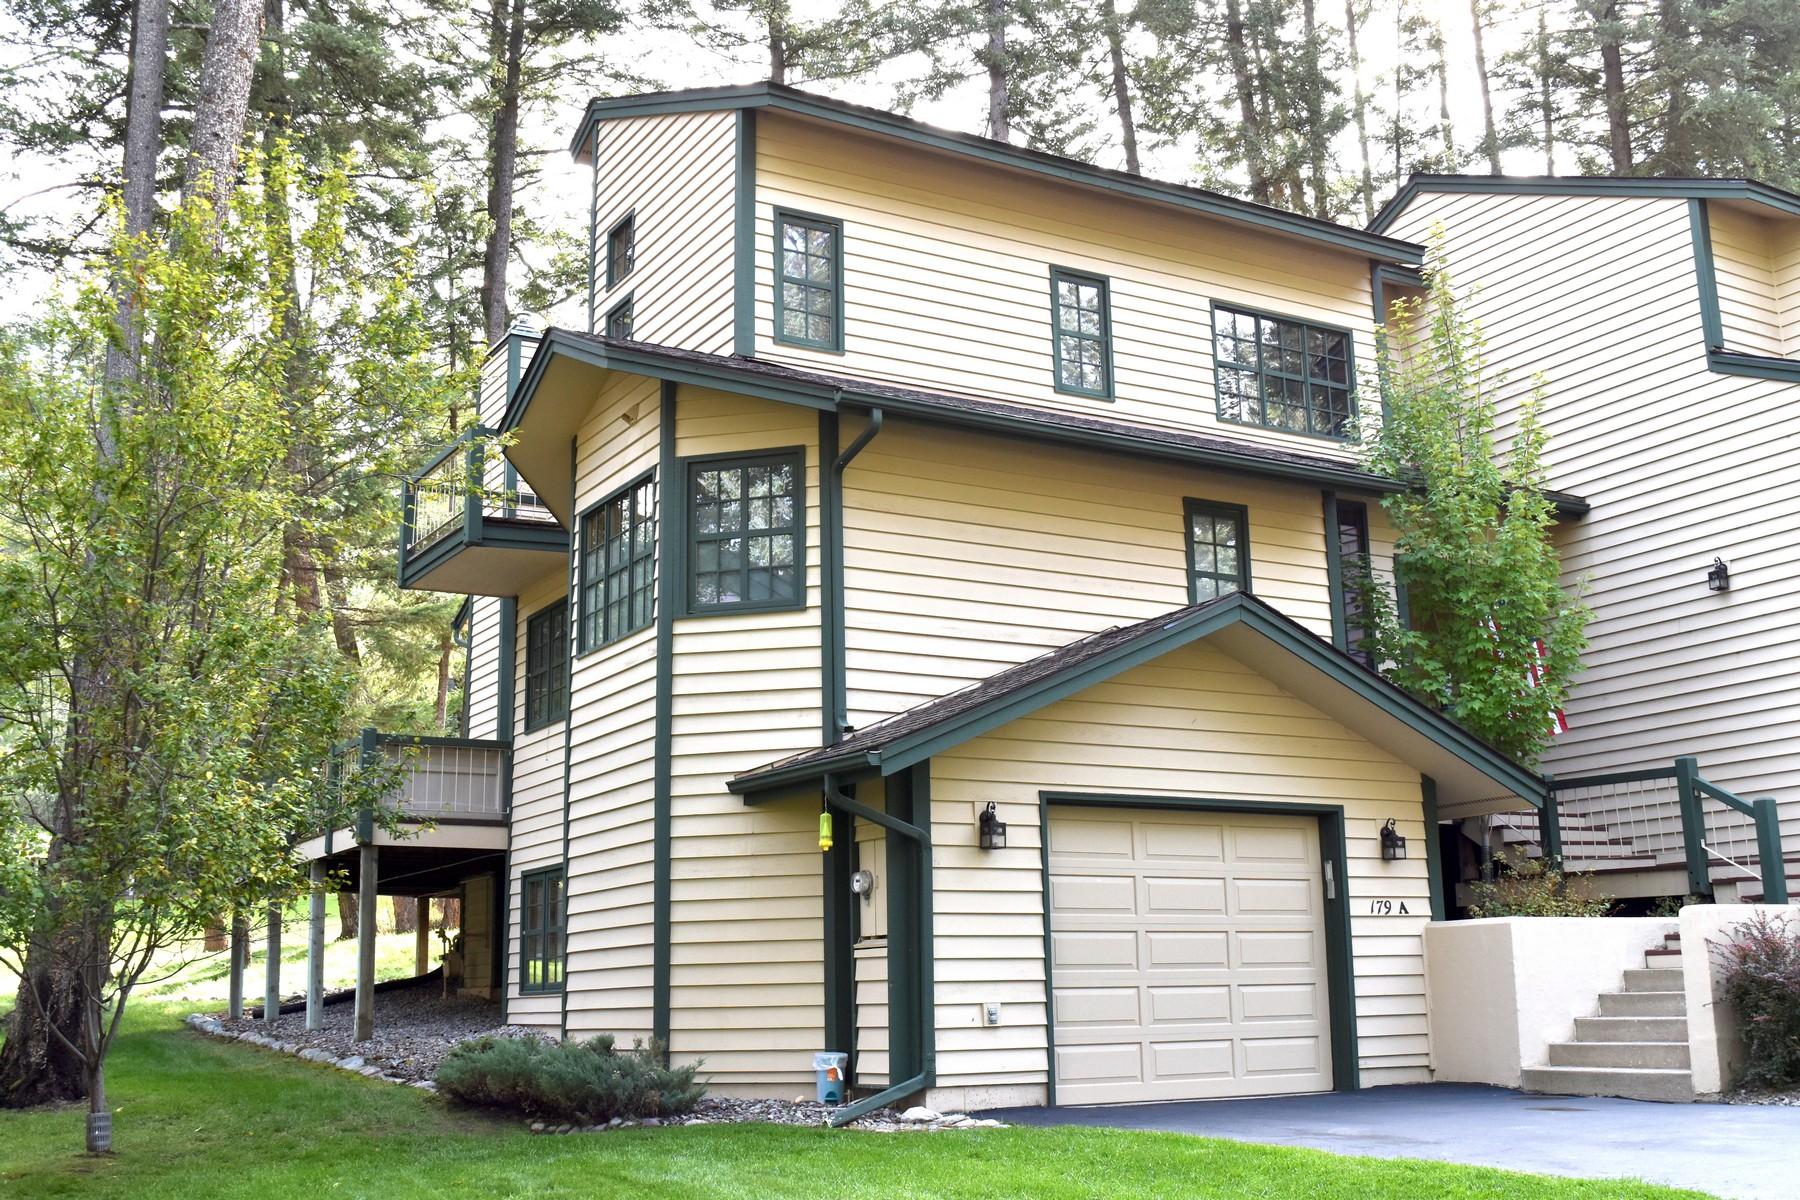 Townhouse for Sale at 179 A Eagle Bend Dr , Bigfork, MT 59911 179 A Eagle Bend Dr Bigfork, Montana 59911 United States